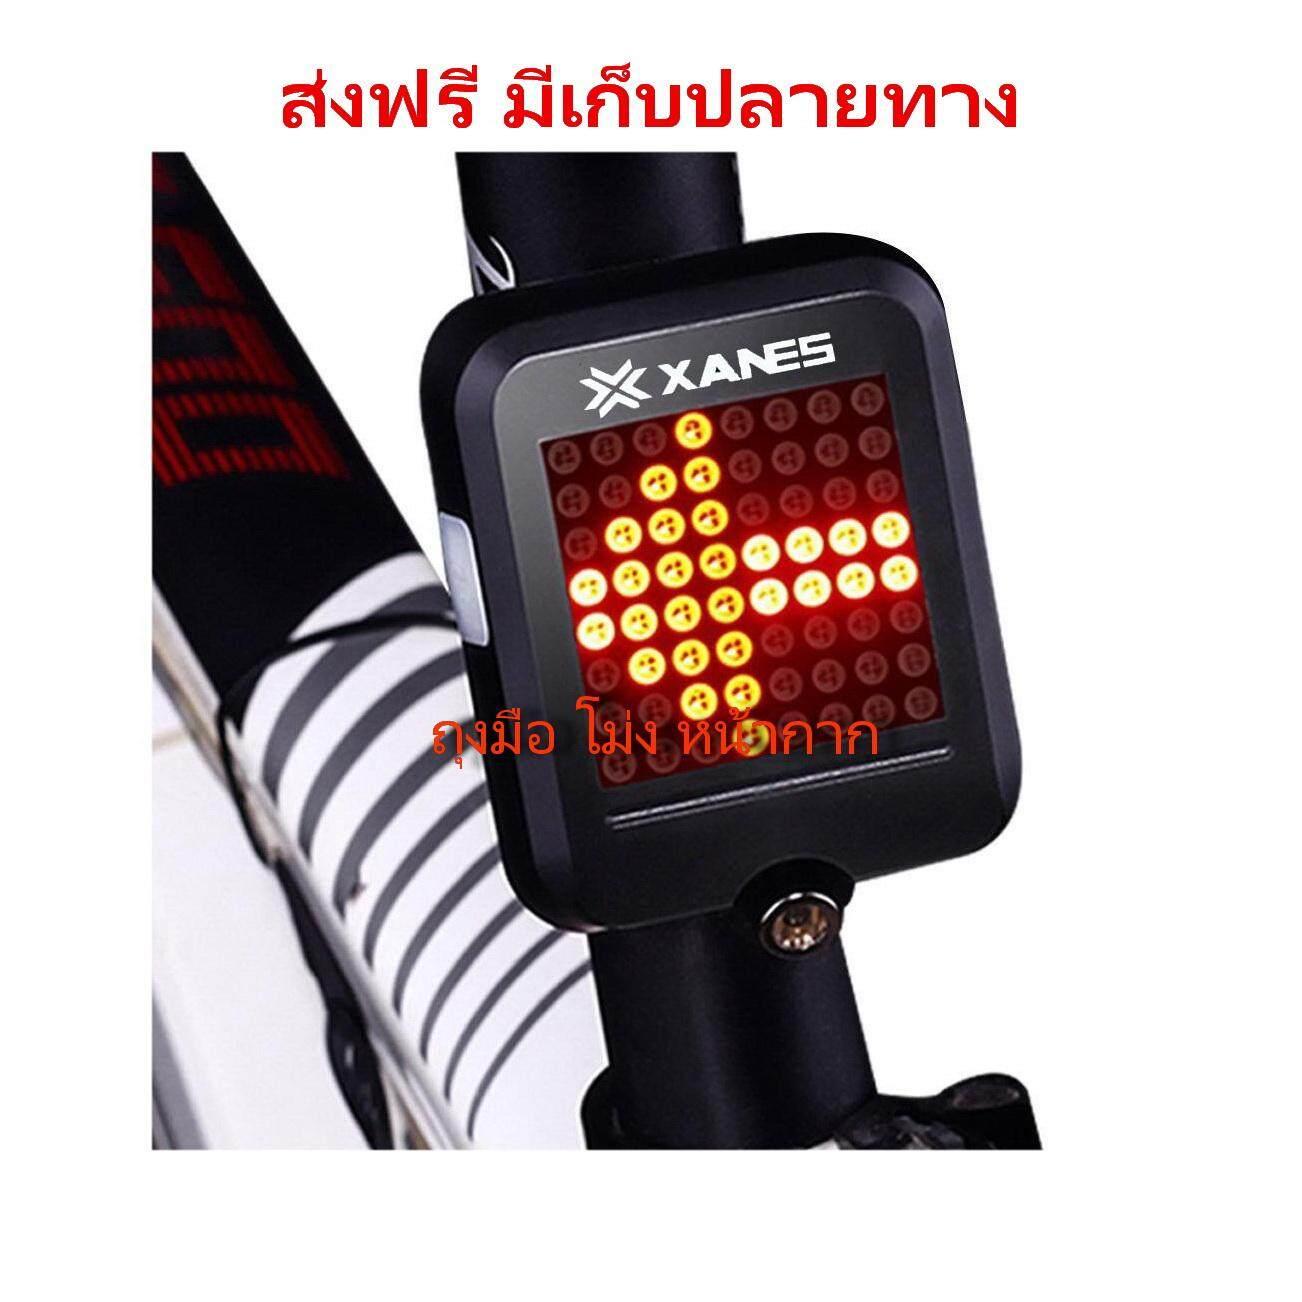 NQY AQY-0100 64 LED 80LM ไฟท้ายจักรยานอัจฉริยะ